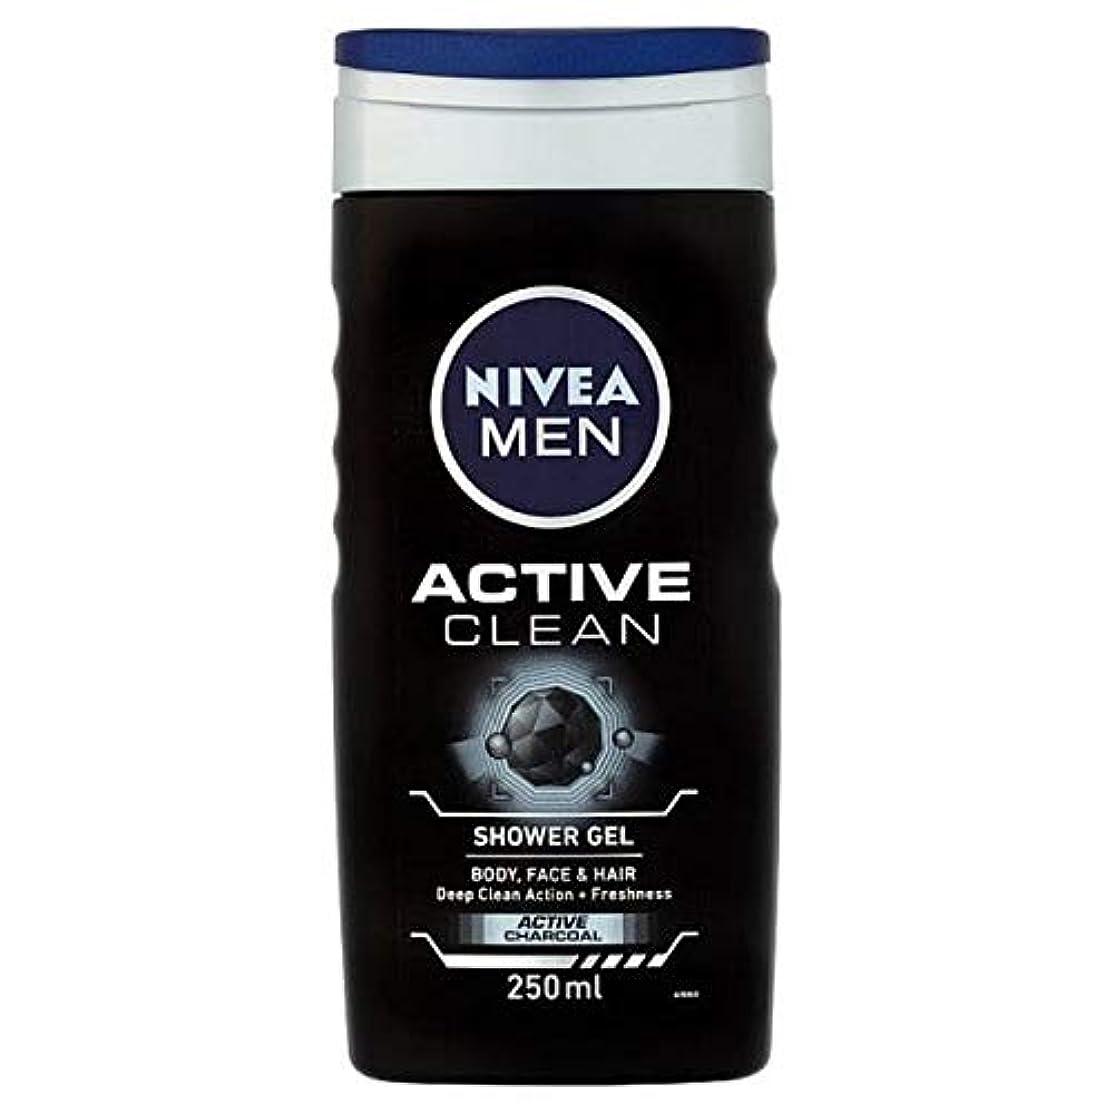 シュリンクオフセットミル[Nivea ] ニベア男性用シャワージェル、炭との活発なきれいな、250ミリリットル - NIVEA Men Shower Gel, Active Clean with Charcoal, 250ml [並行輸入品]